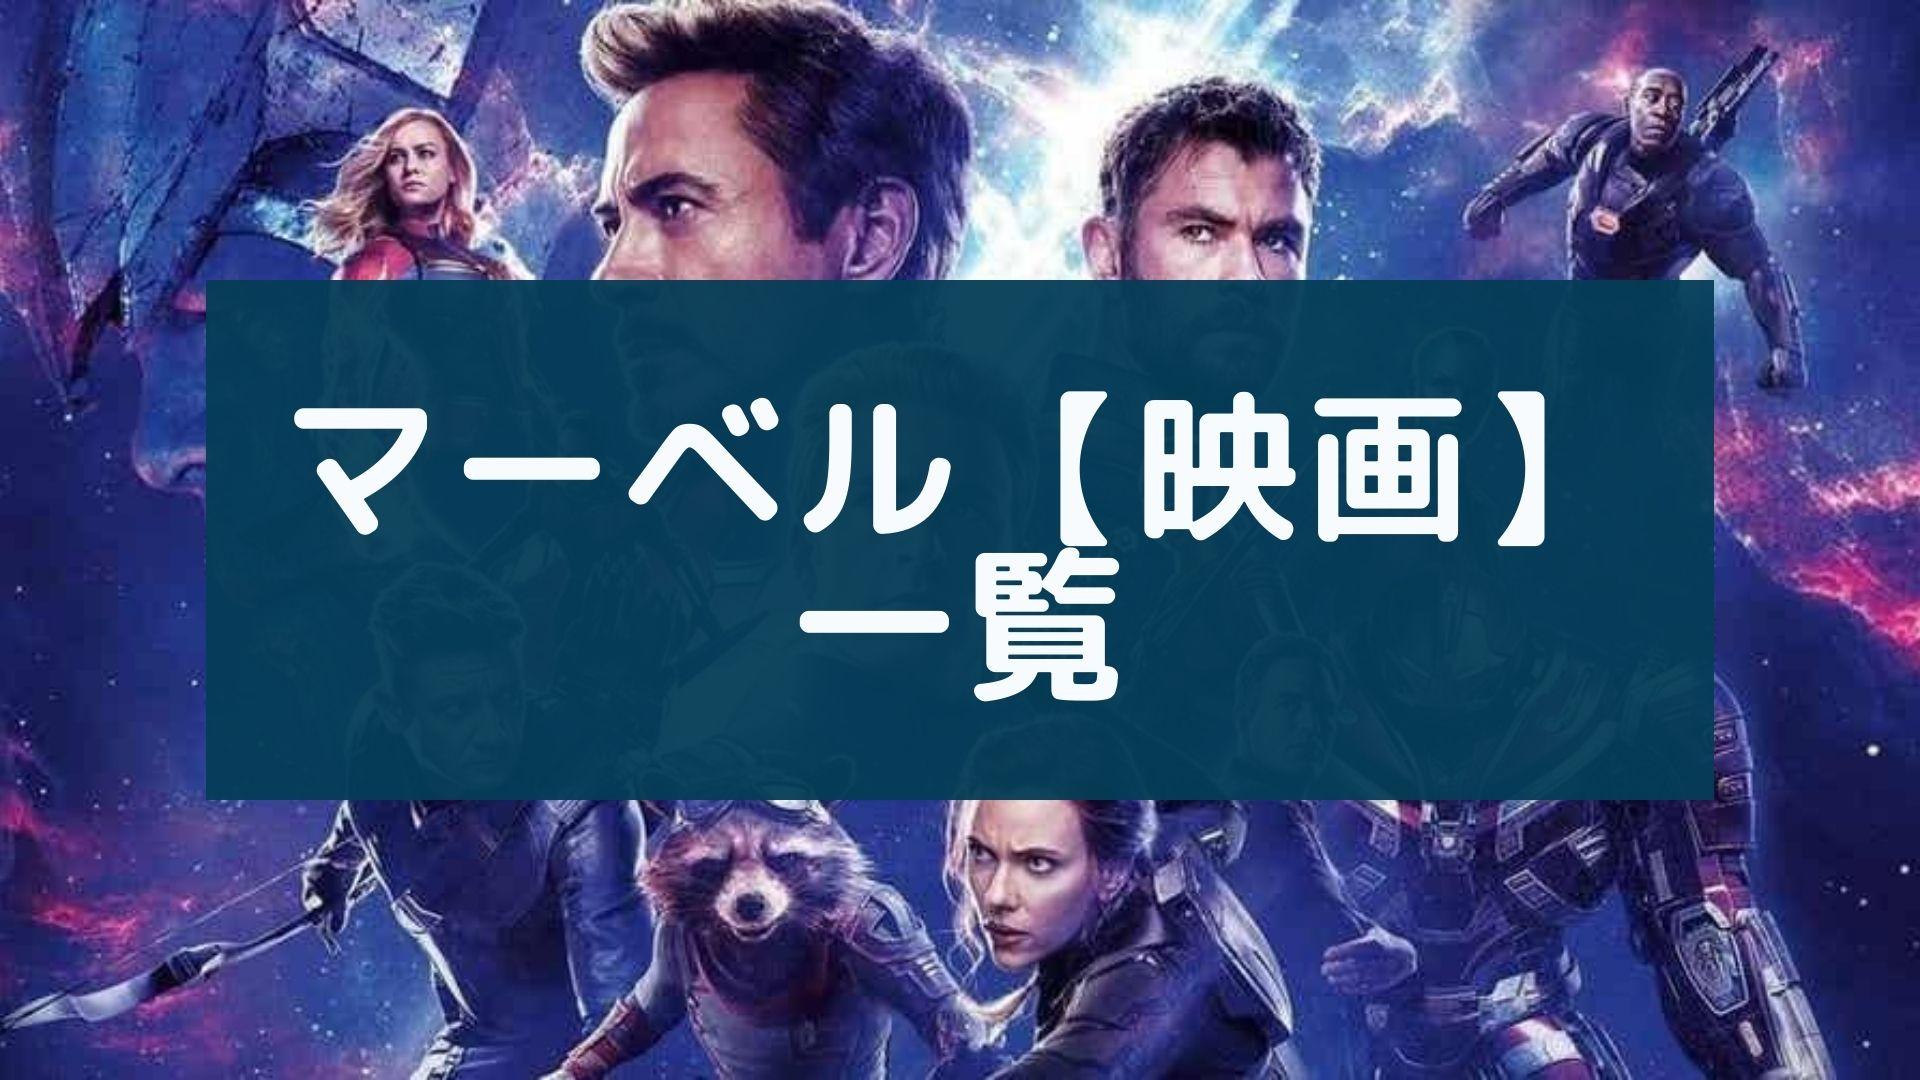 【MCU】マーベル映画の公開順まとめ!アベンジャーズを楽しむために!【映画】